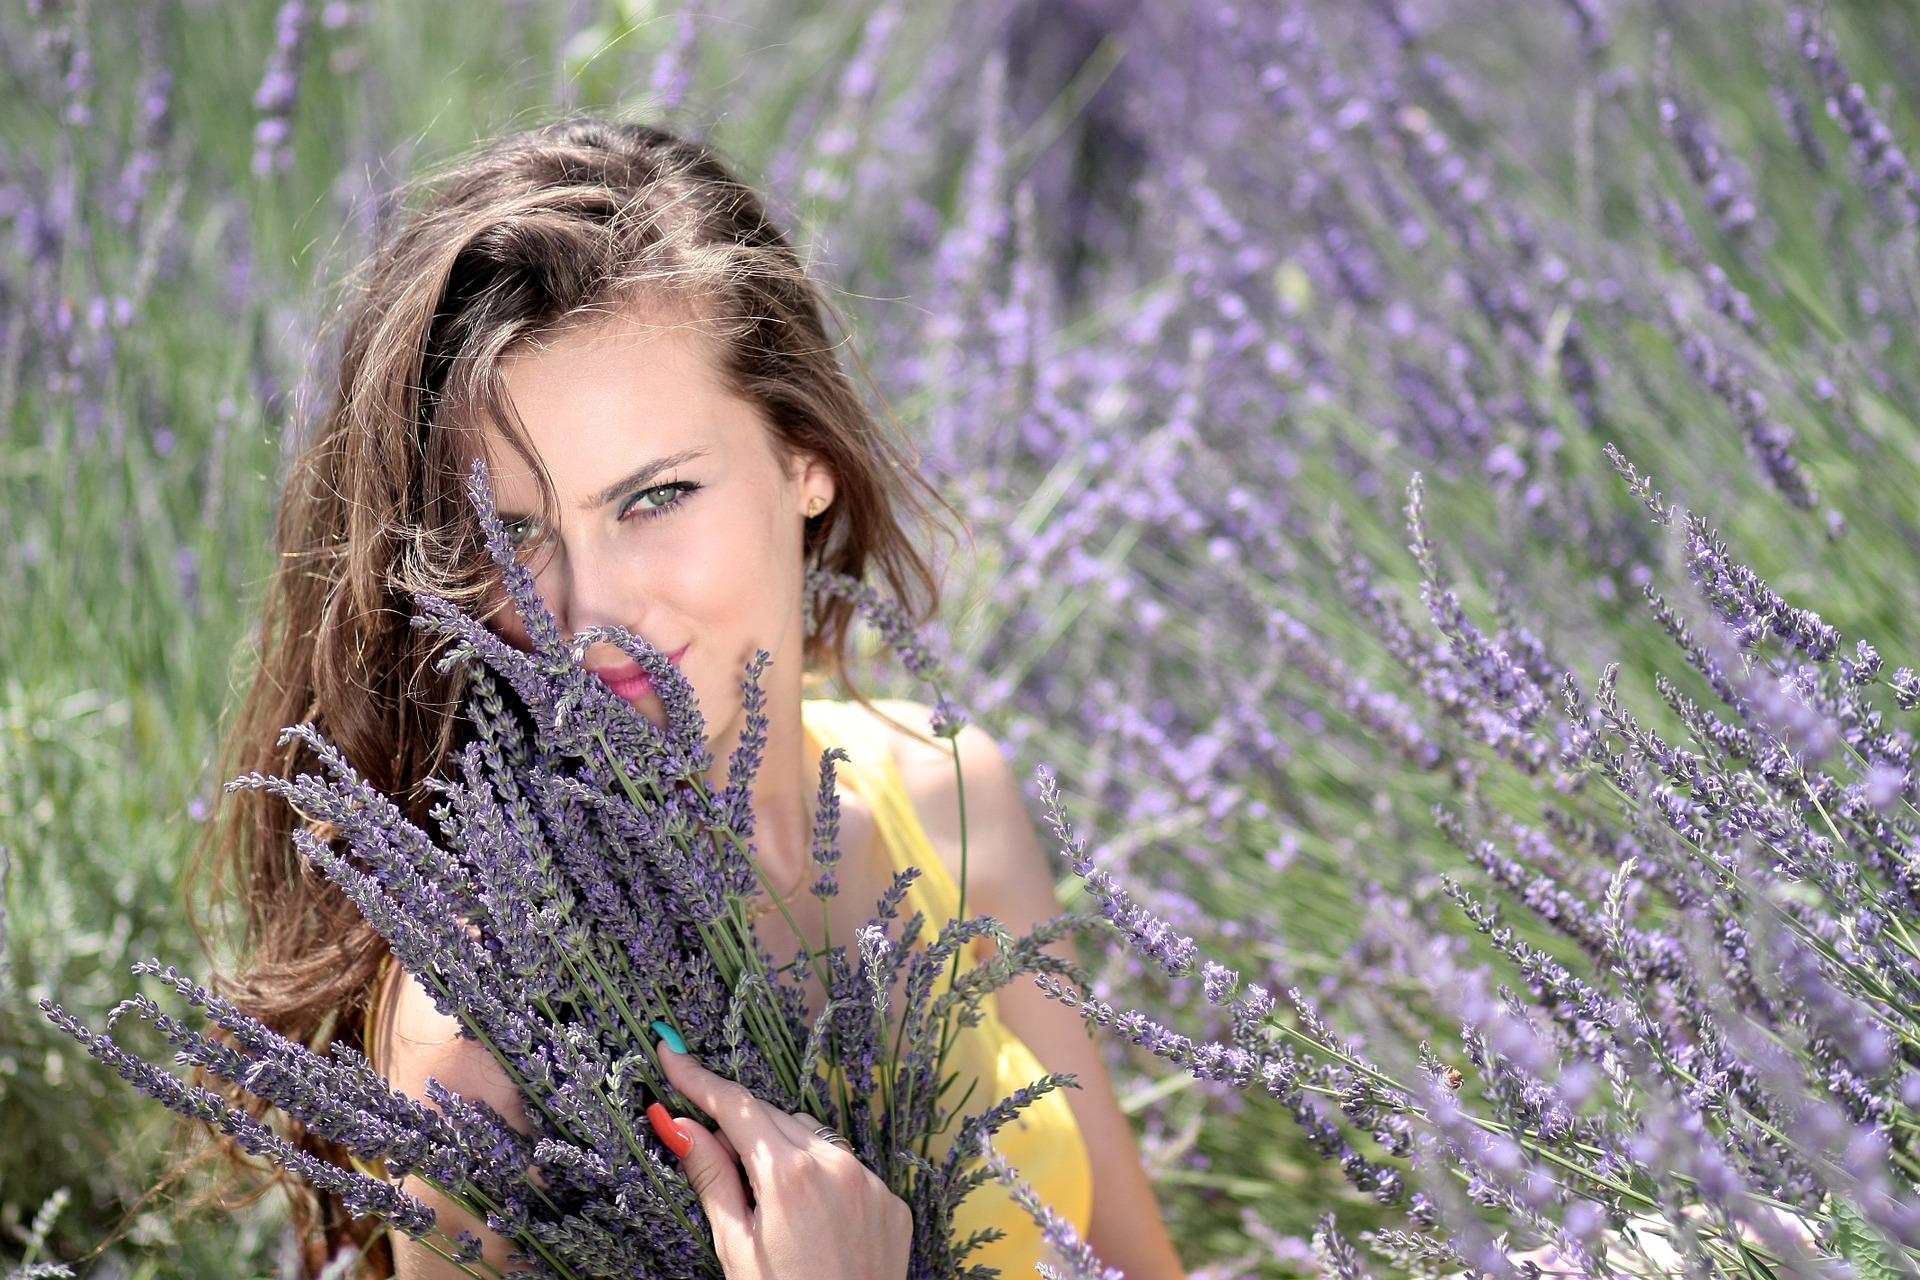 Woman in field of lavender flowers